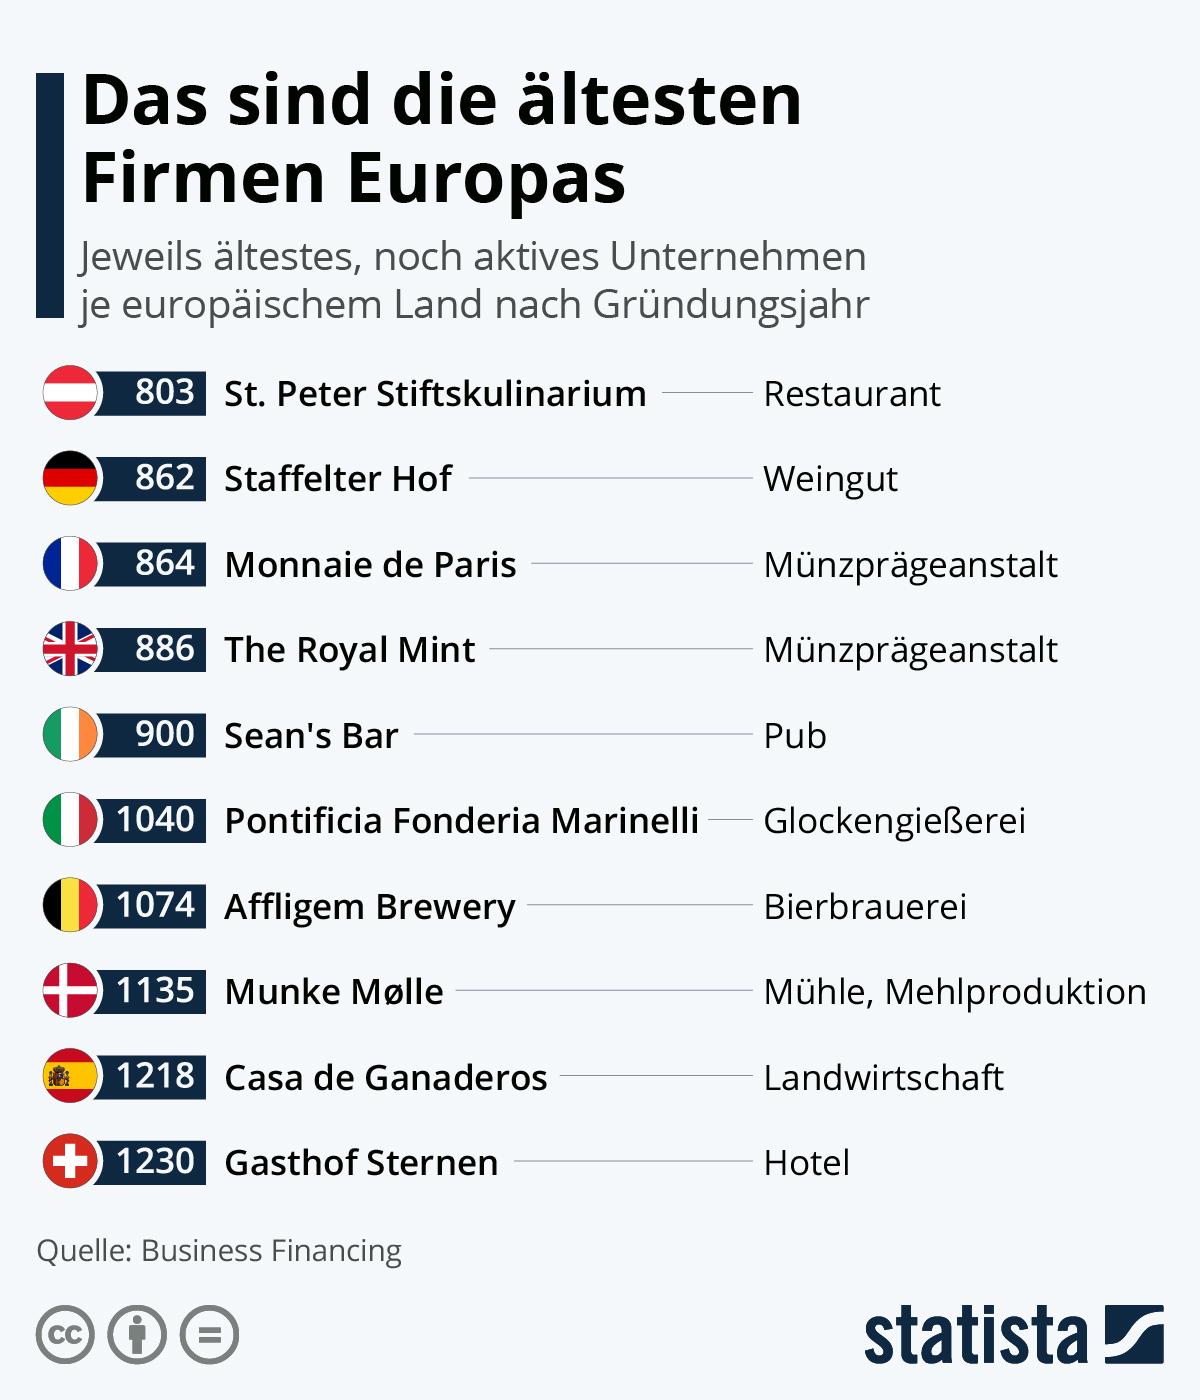 Infografik: Das sind die ältesten Firmen Europas | Statista